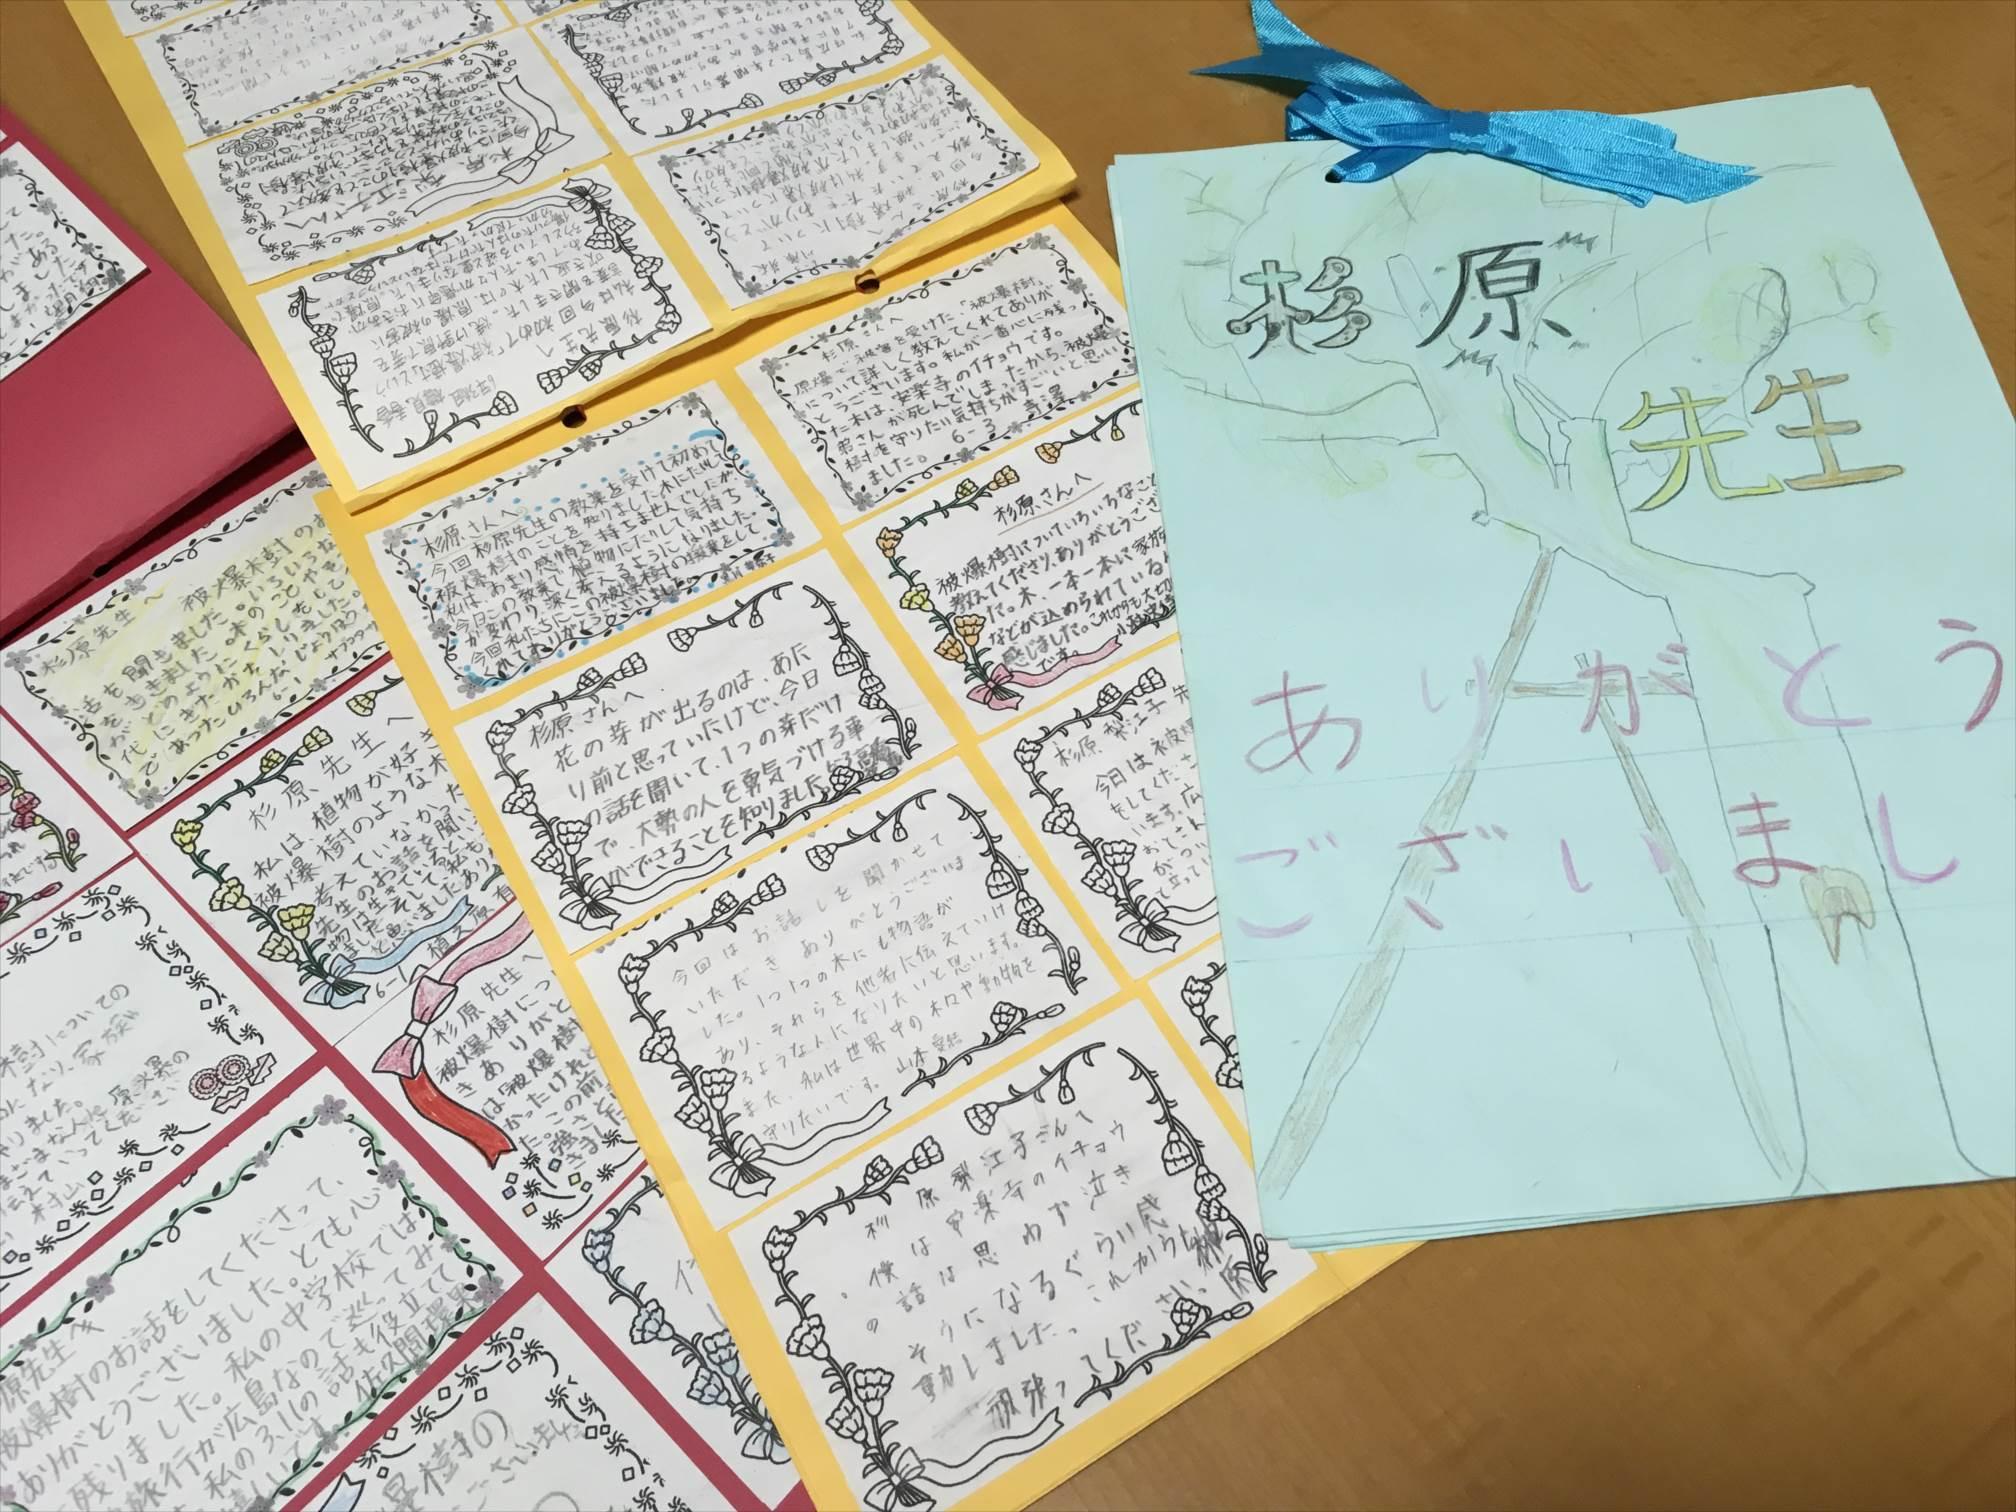 http://rieko-sugihara.com/information/item/IMG_8195%E9%9B%AA%E8%B0%B7%E5%B0%8F6%E5%B9%B4%E7%94%9F%E6%84%9F%E6%83%B3%E6%96%87_R.JPG